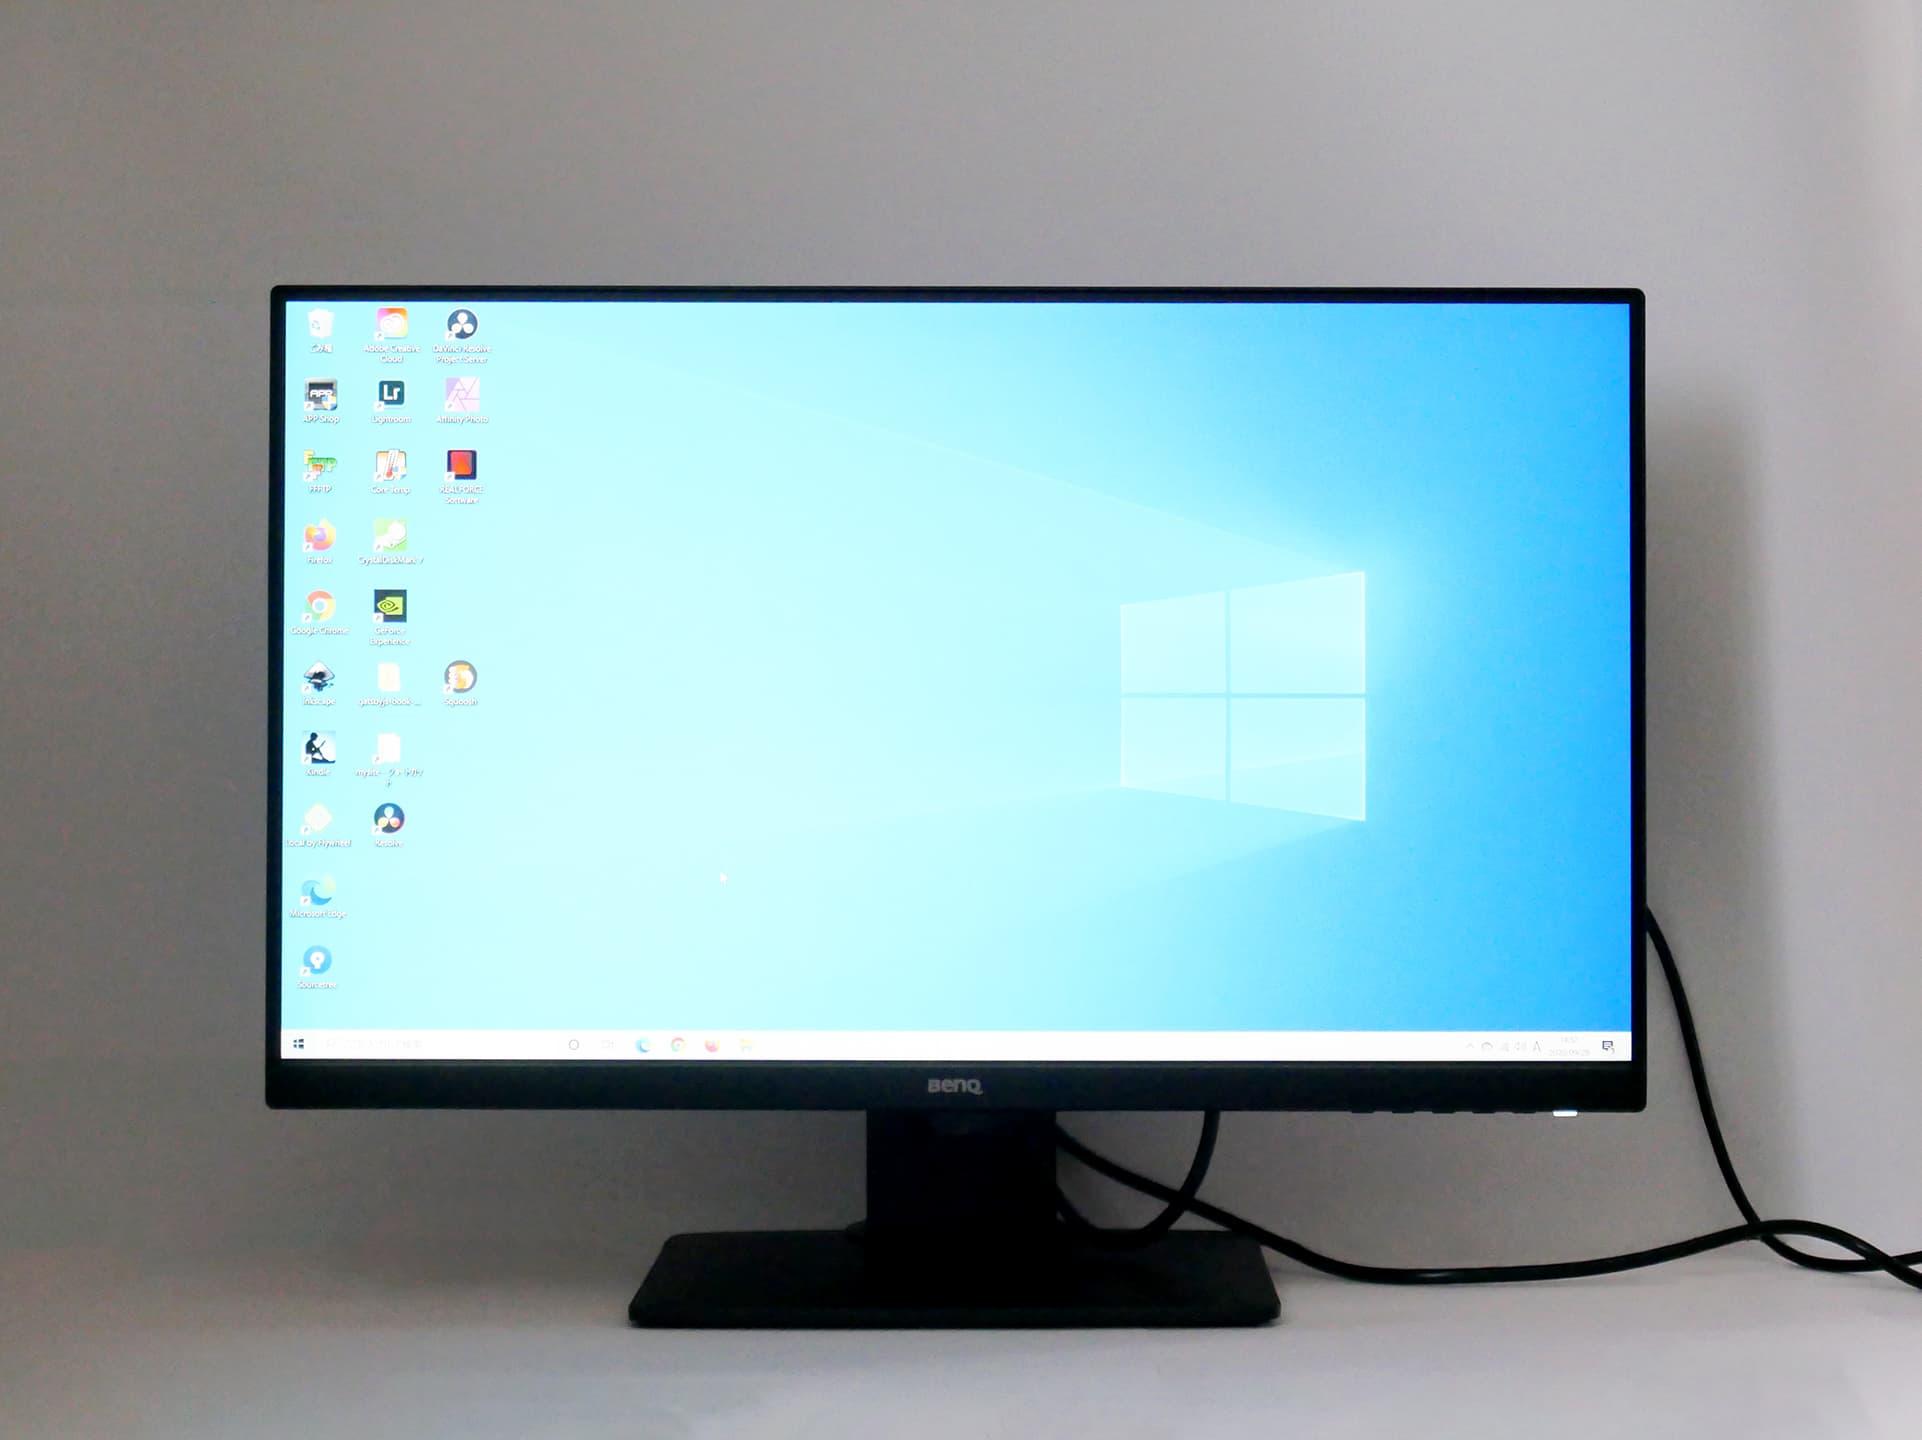 GW2780T Windowsホーム画面表示